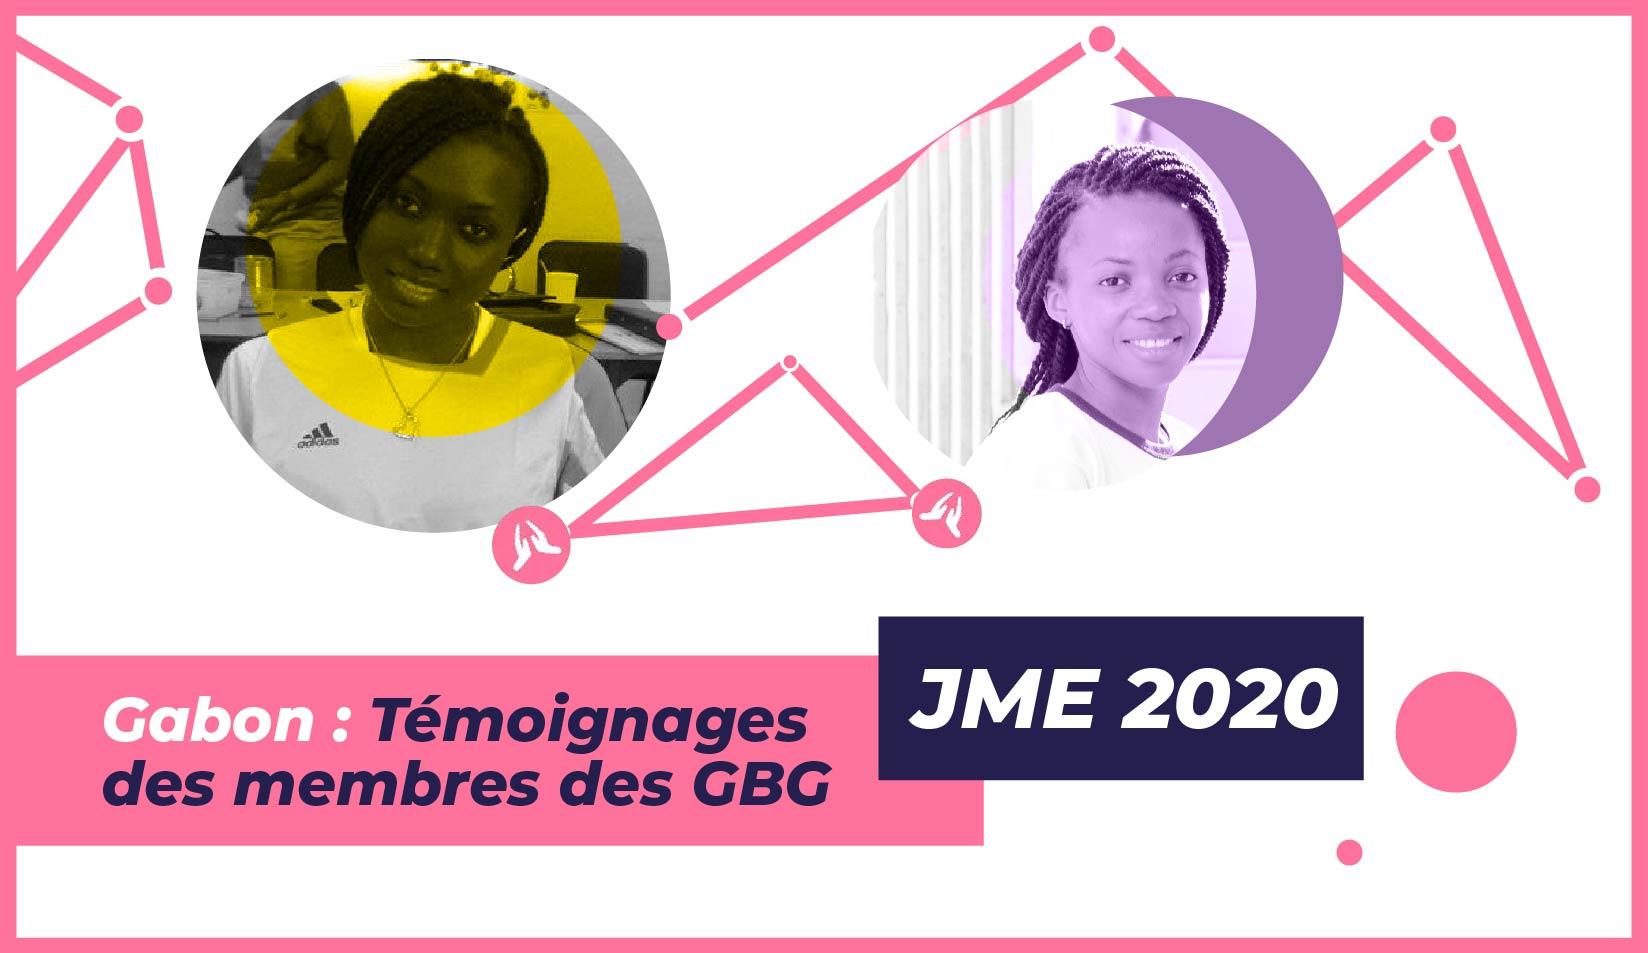 JME 2020 : Témoignages des membres des GBG